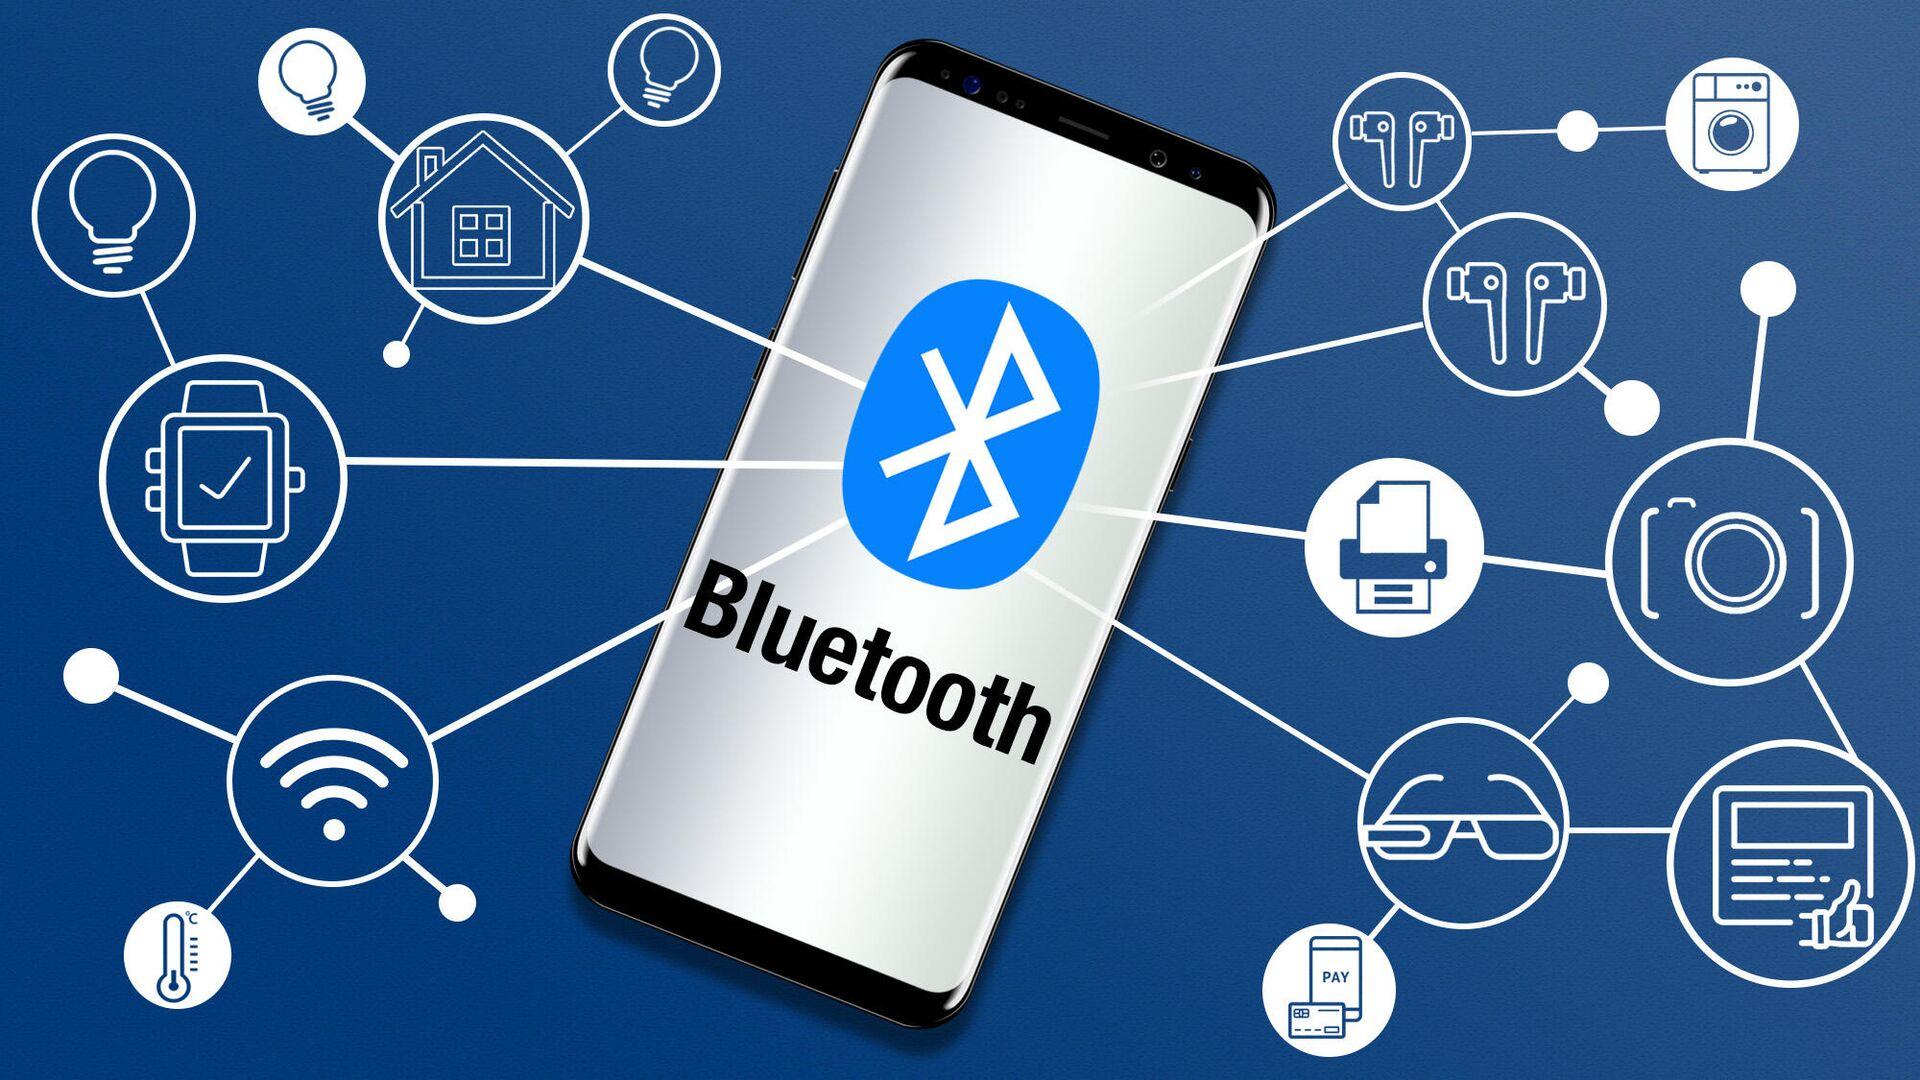 Миллионы устройств с Bluetooth оказались беззащитны перед новой угрозой